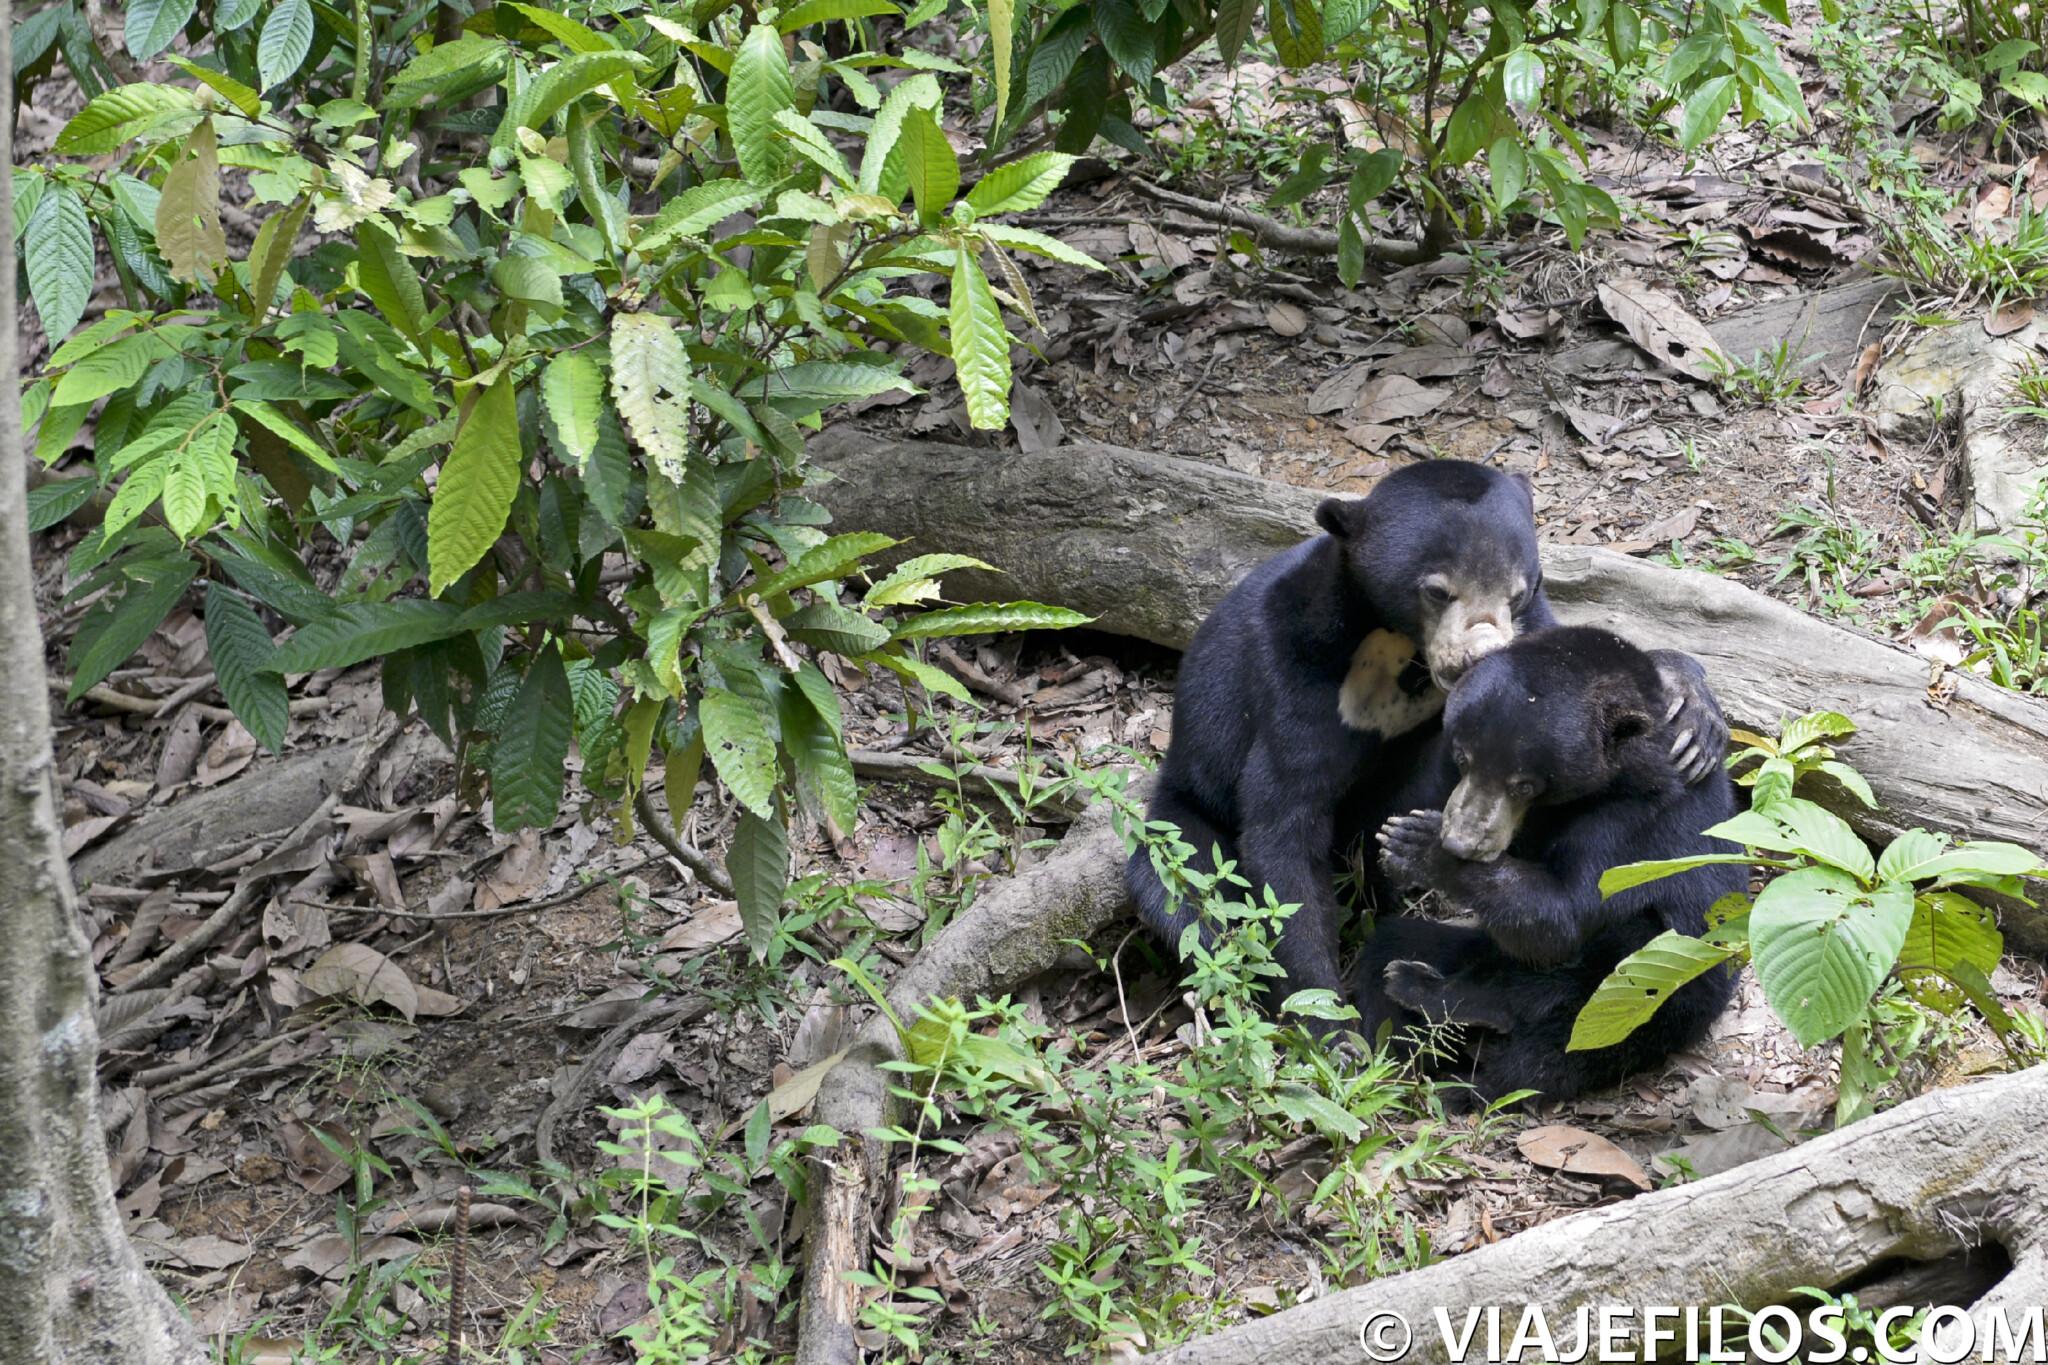 Si te andas preguntando por que ver en Borneo, la visita de la reserva de osos malayos de Sepilok es imprescindible, una parada previa a la visita de los orangutanes